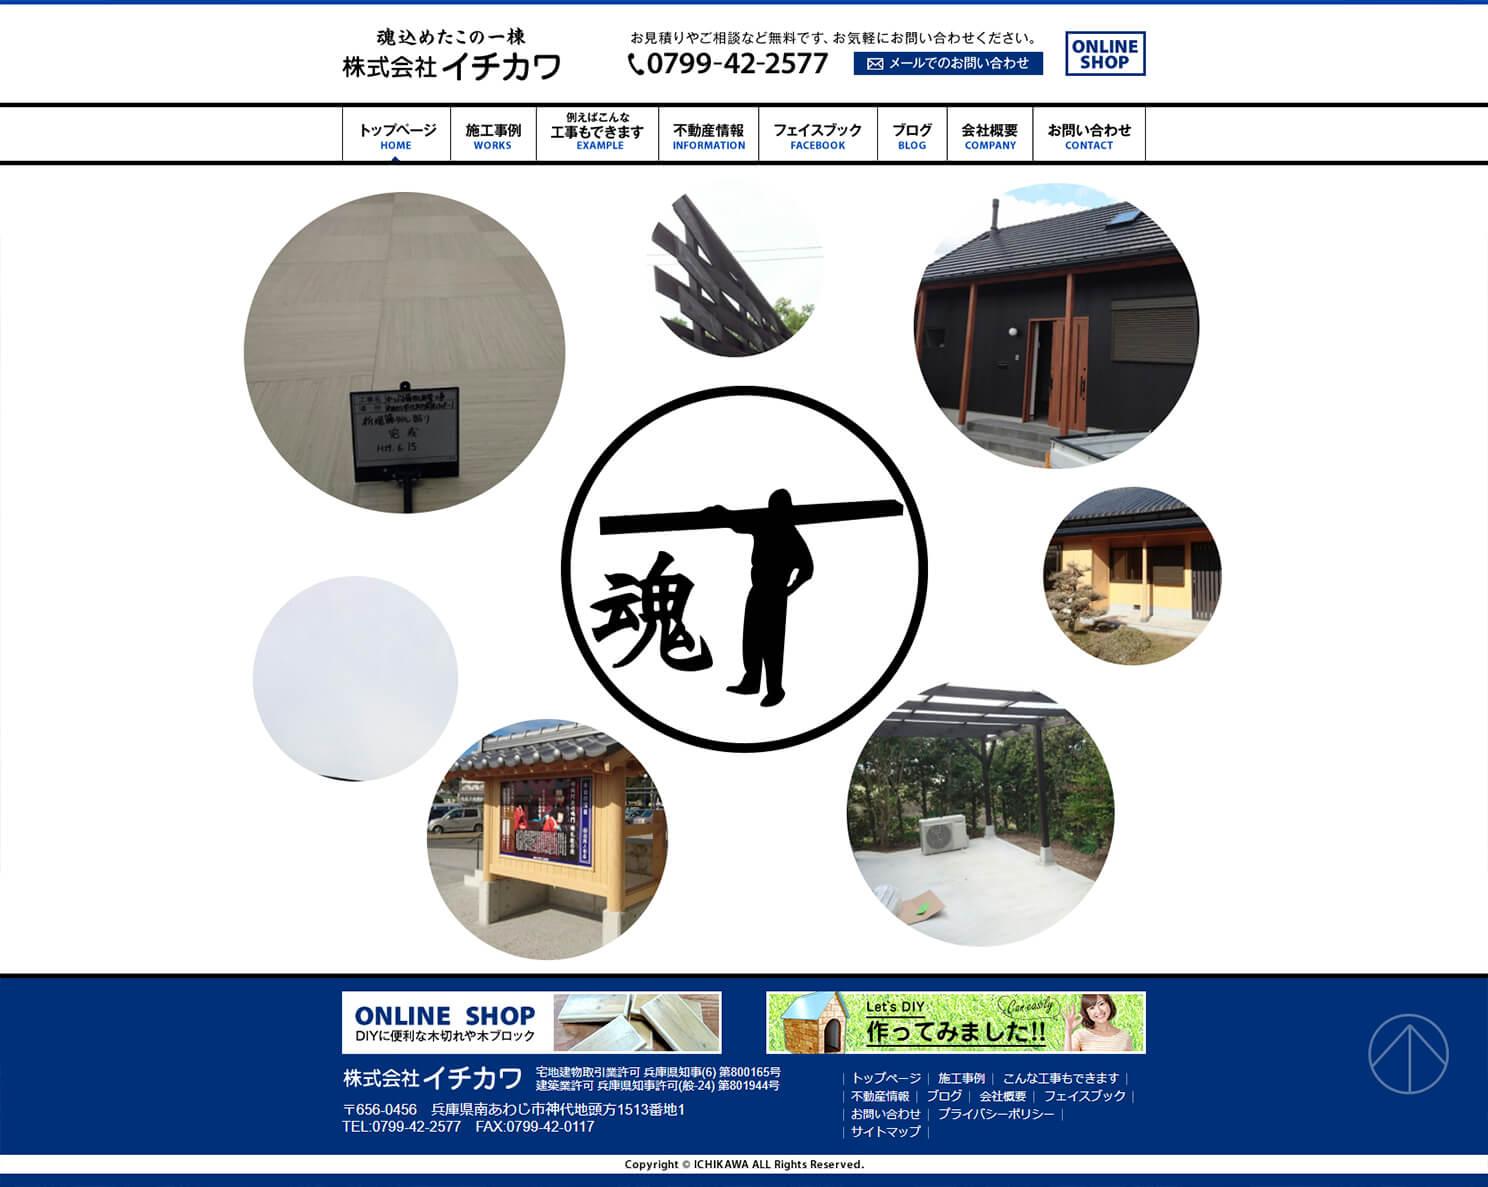 株式会社イチカワ様_ホームページ02